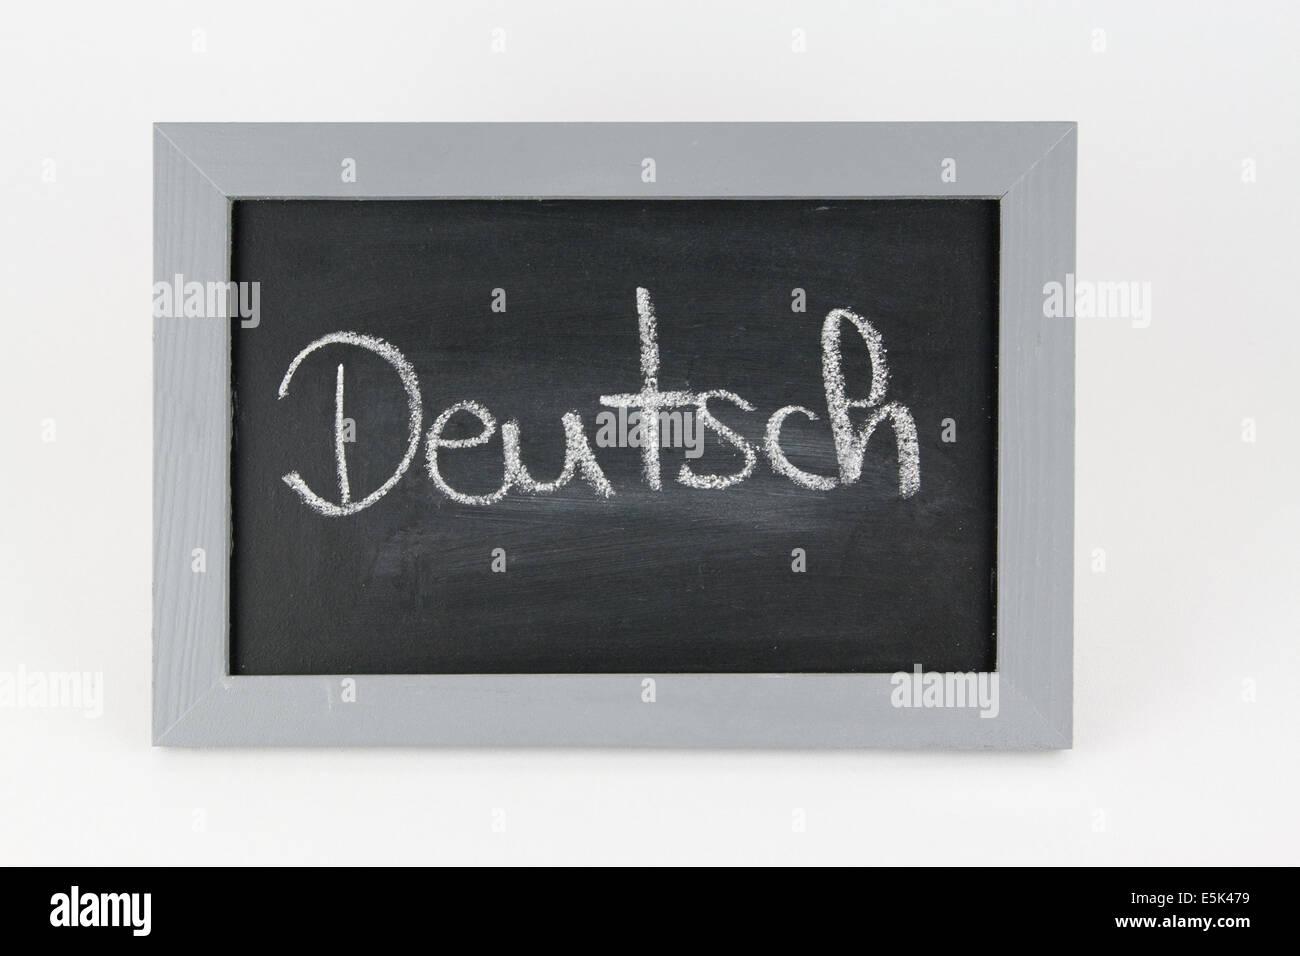 Tafel abc Alphabet Kreide Schule Schultafel Schulkreide Schulkinder schreiben Grammatik Rechtschreibung Zahl Zahlen - Stock Image